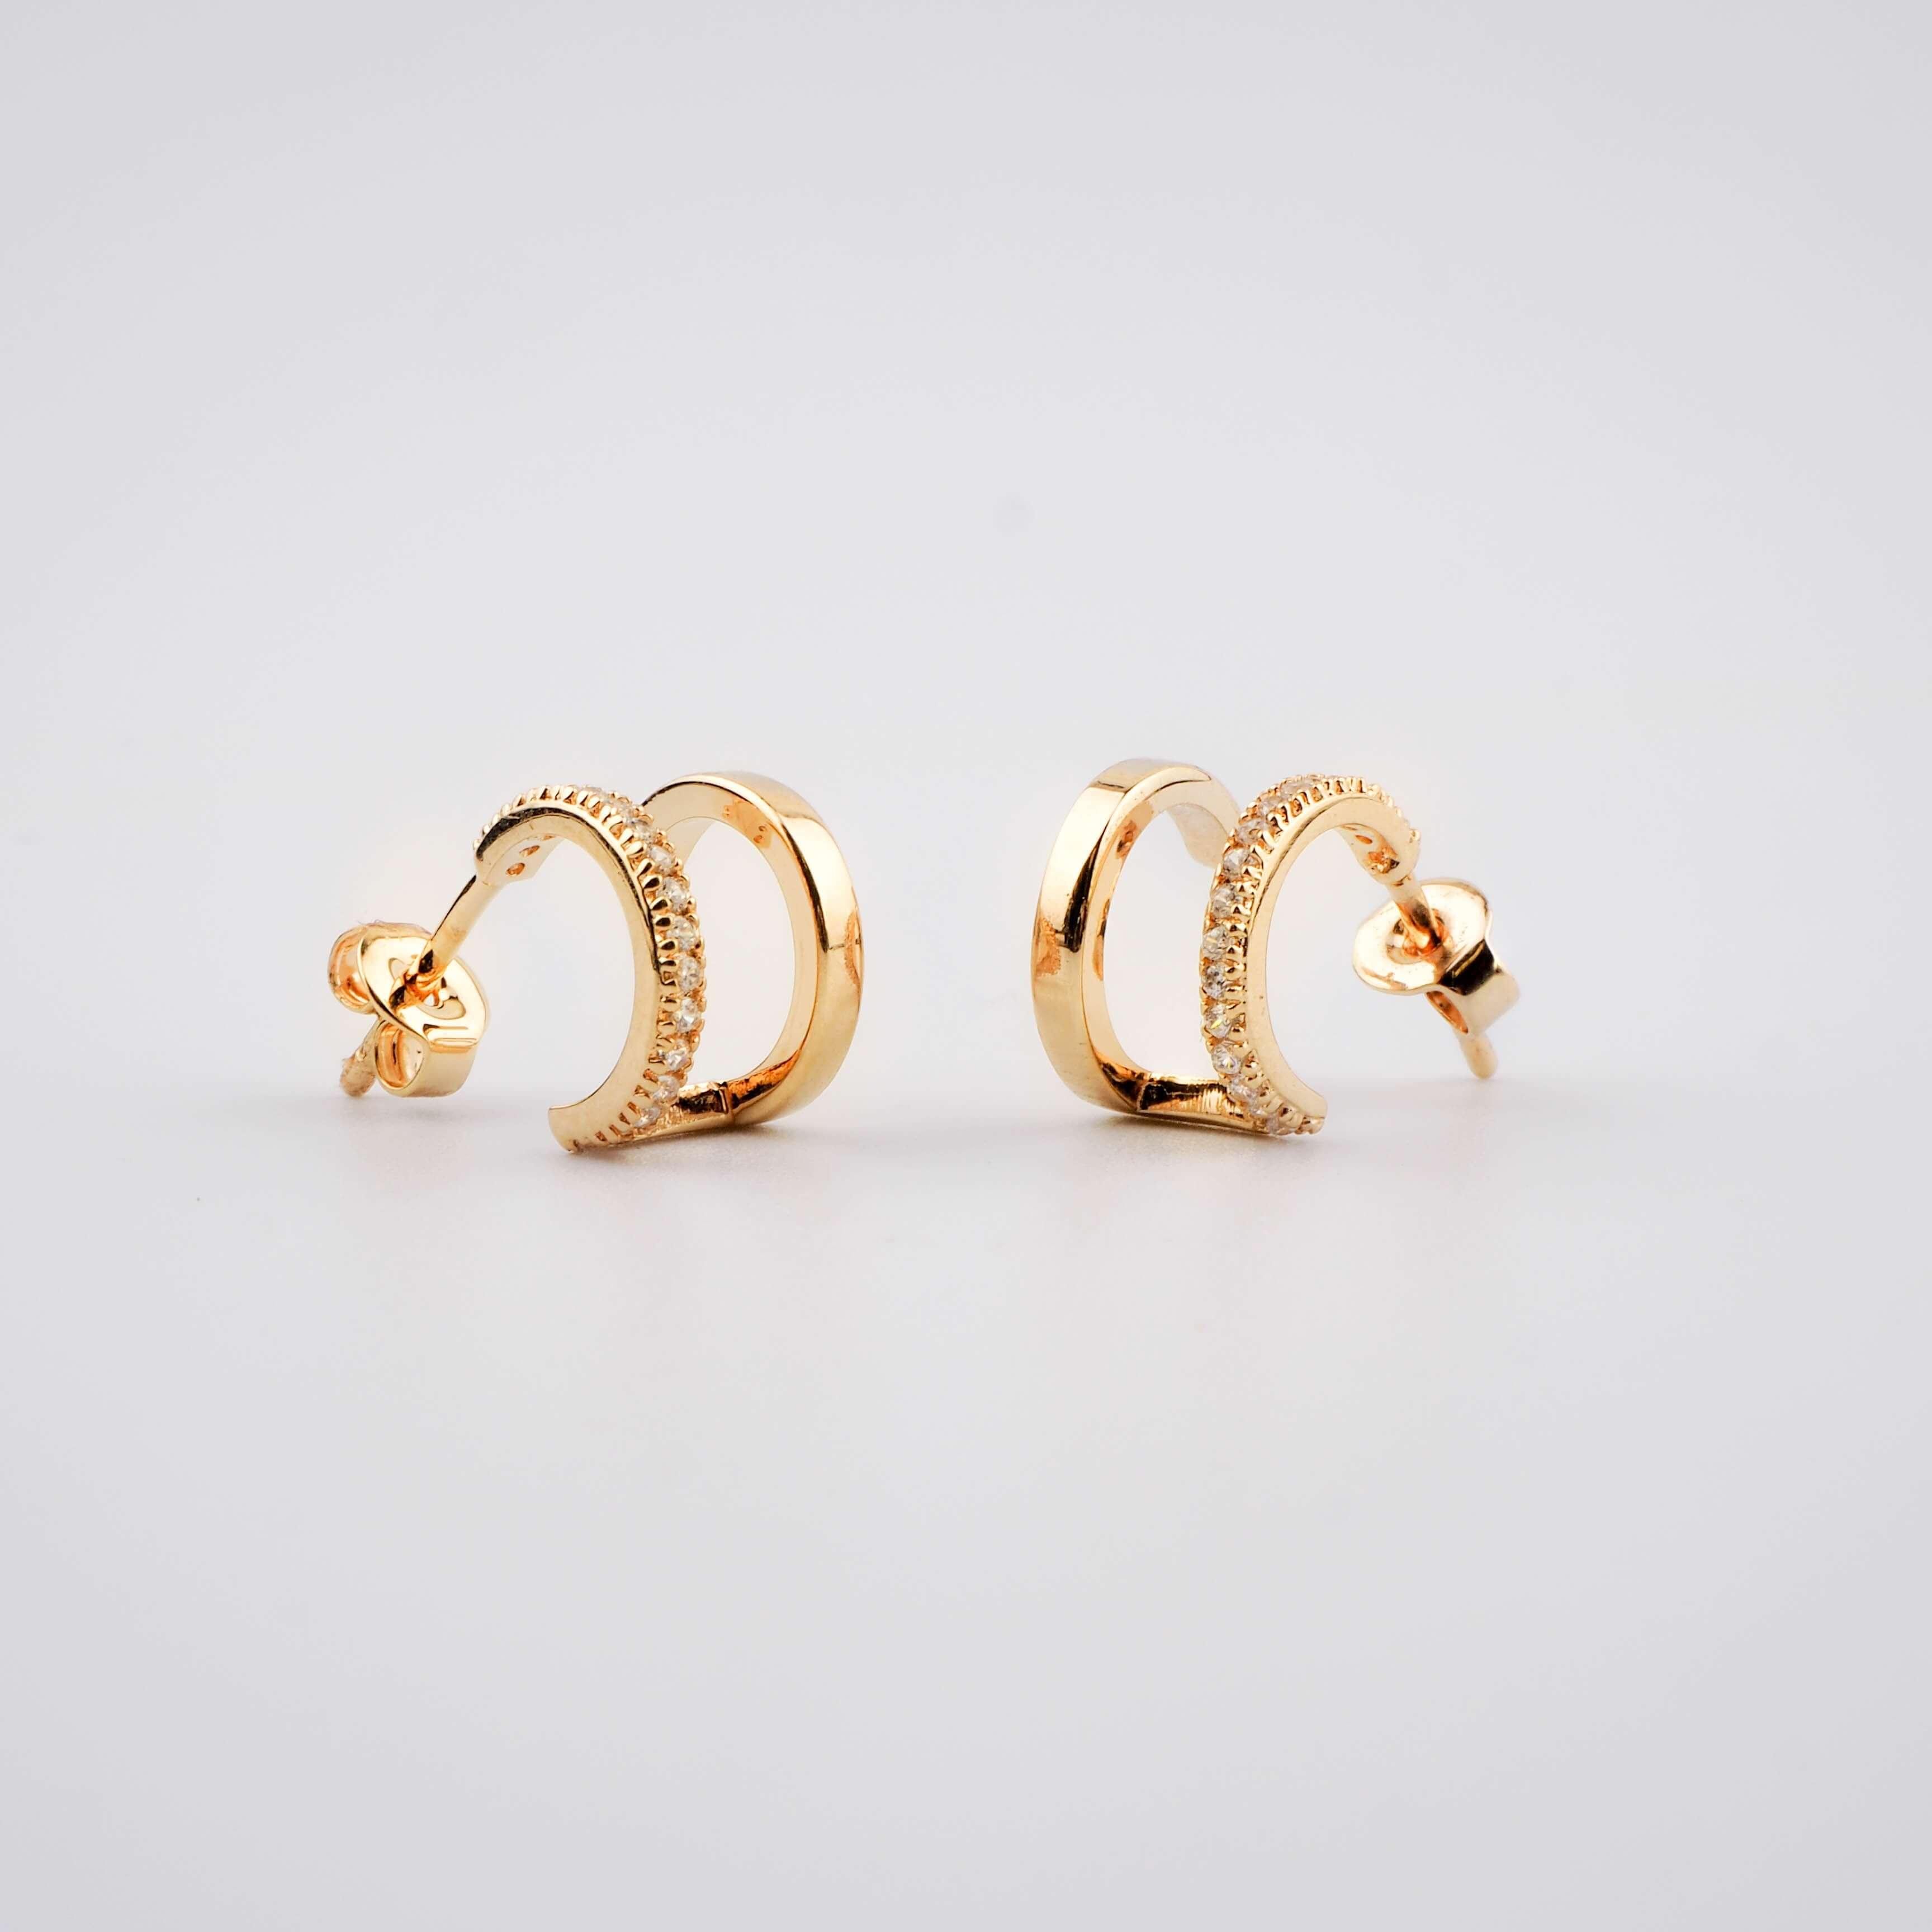 Boucles d'oreilles créoles duo plaqué or - Pomme Cannelle